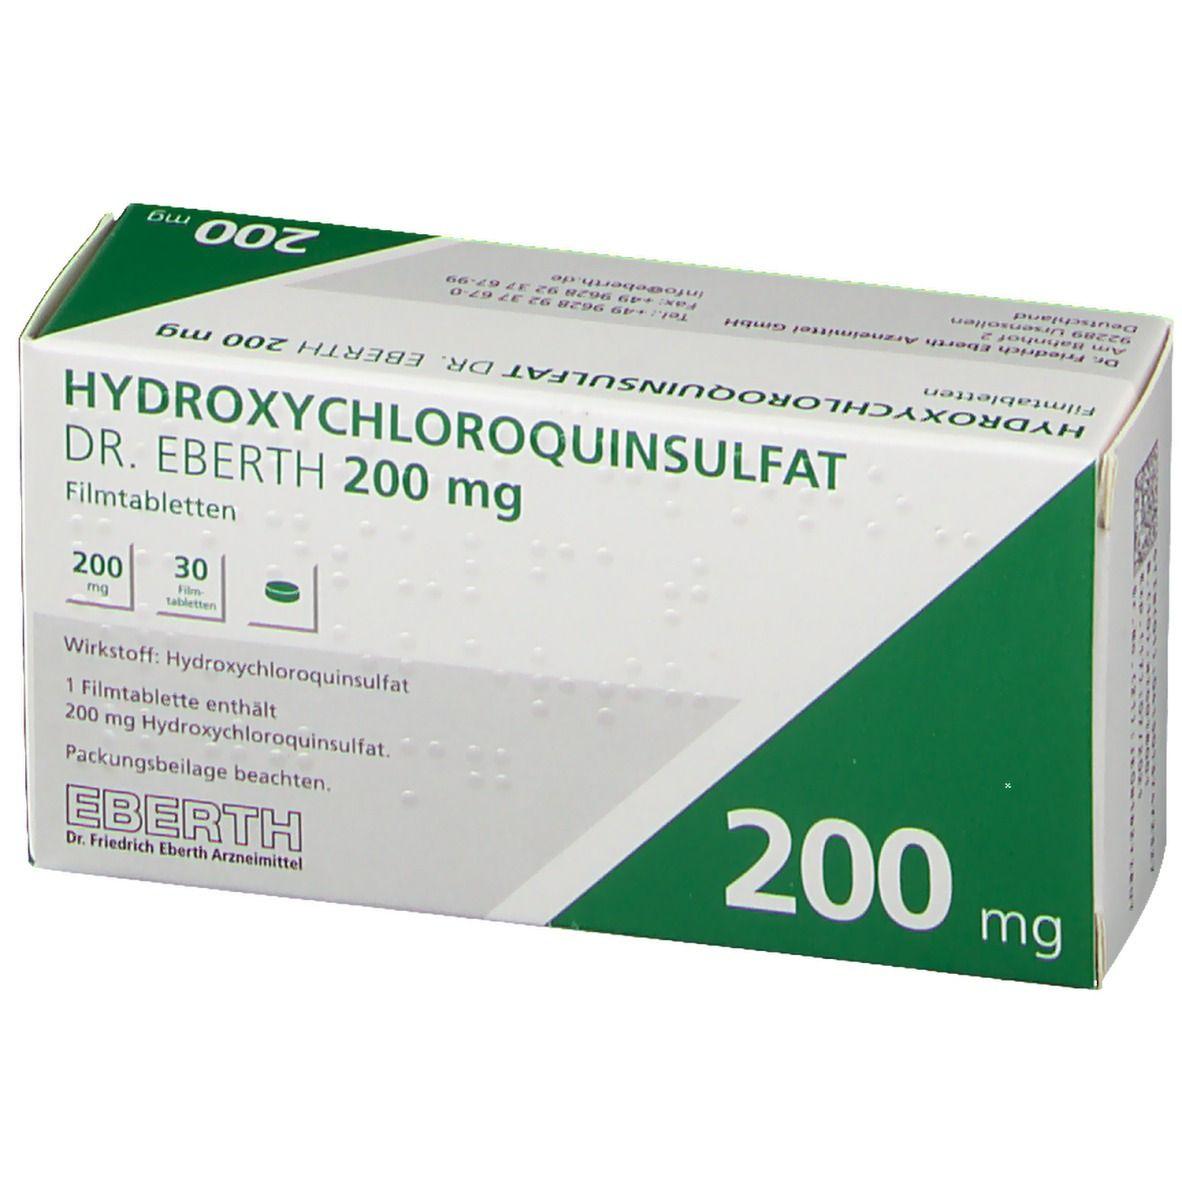 kaufen hydroxychloroquin 200mg mit versand